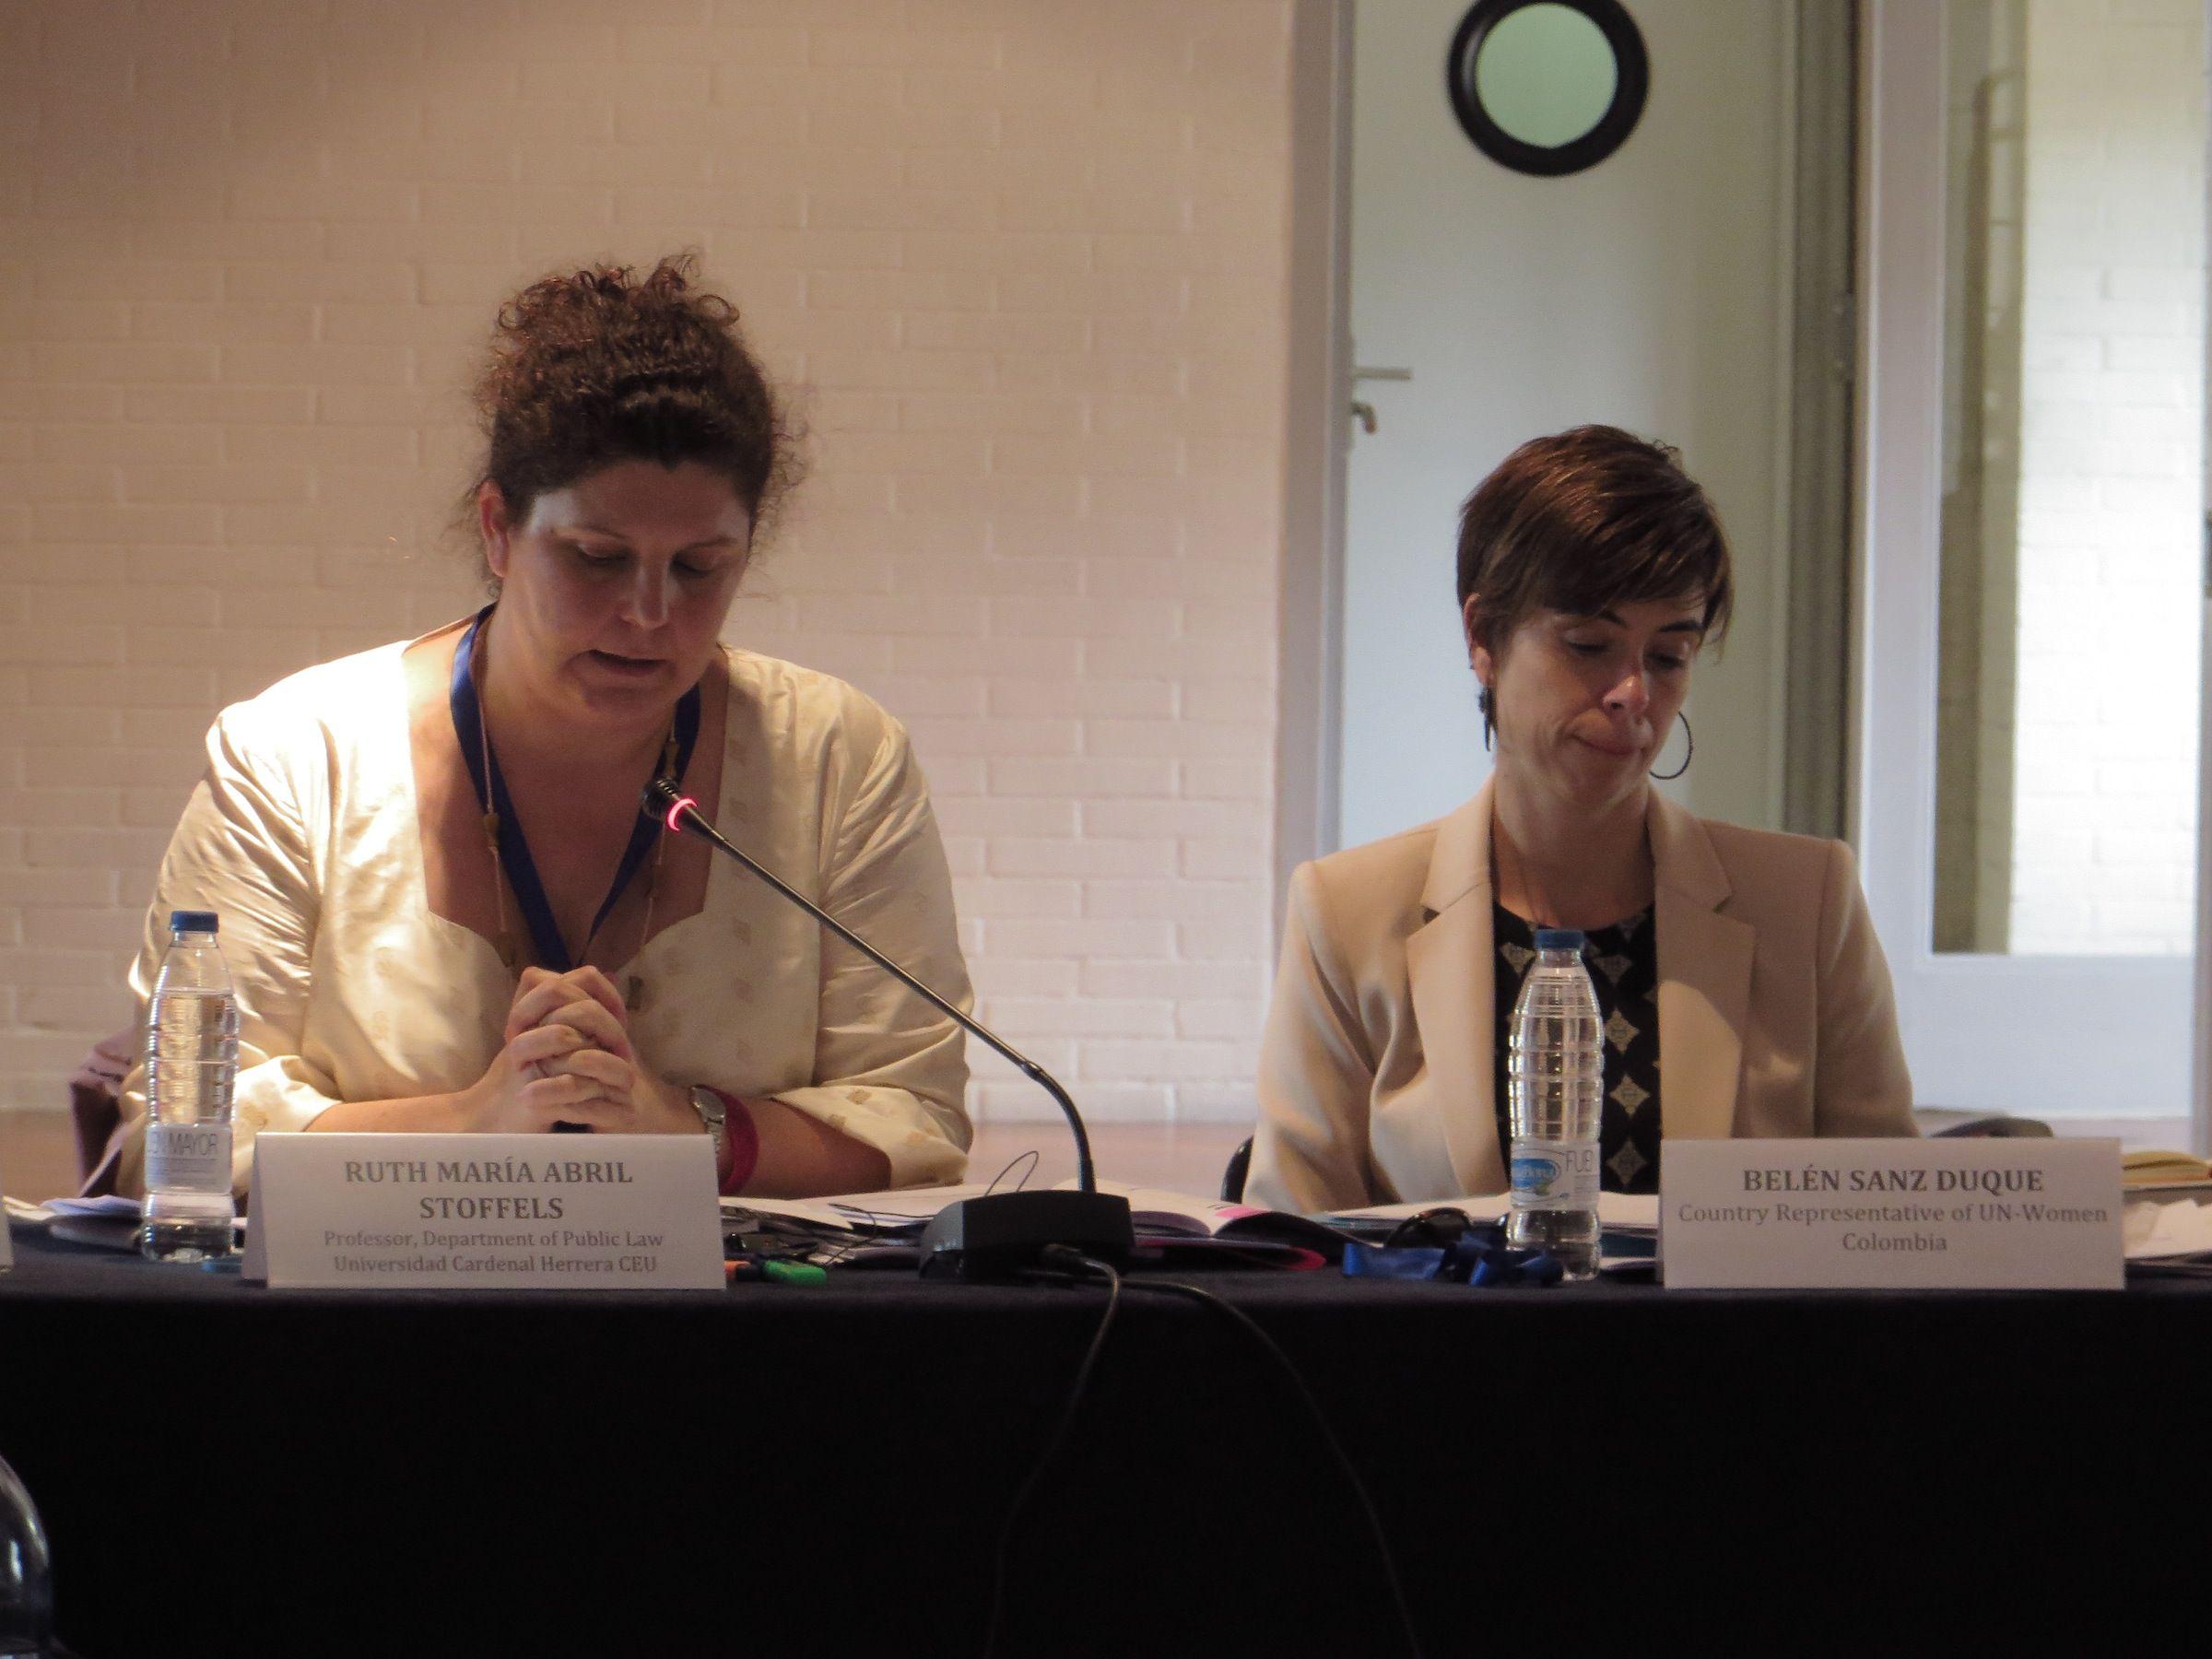 La profesora Ruth Abril, durante su intervención en la reunión de expertos de UN-Habitat en Barcelona.